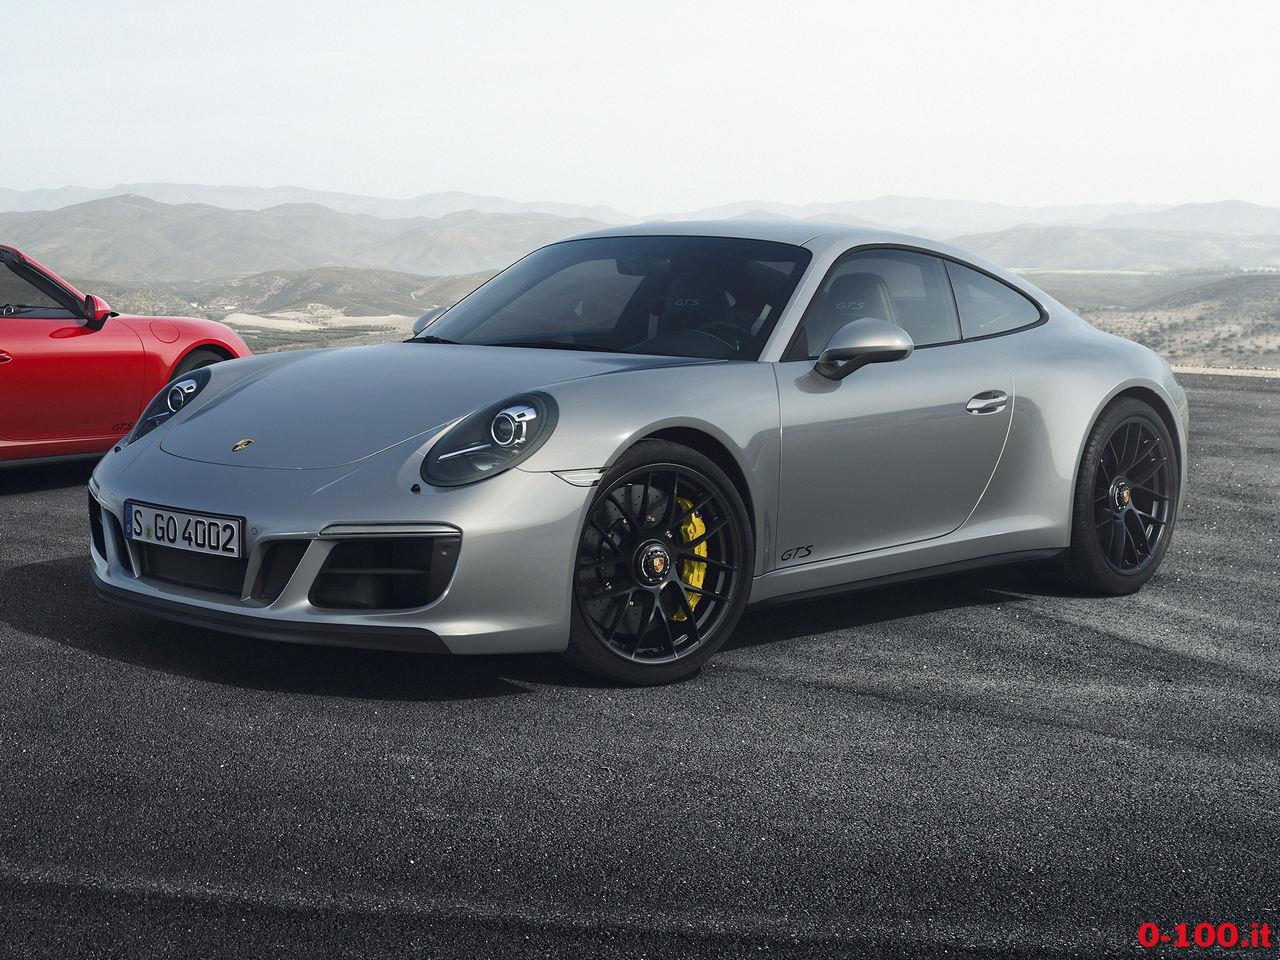 porsche_911-991-carrera-4-gts-coupe-targa-cabriolet-0-100_18